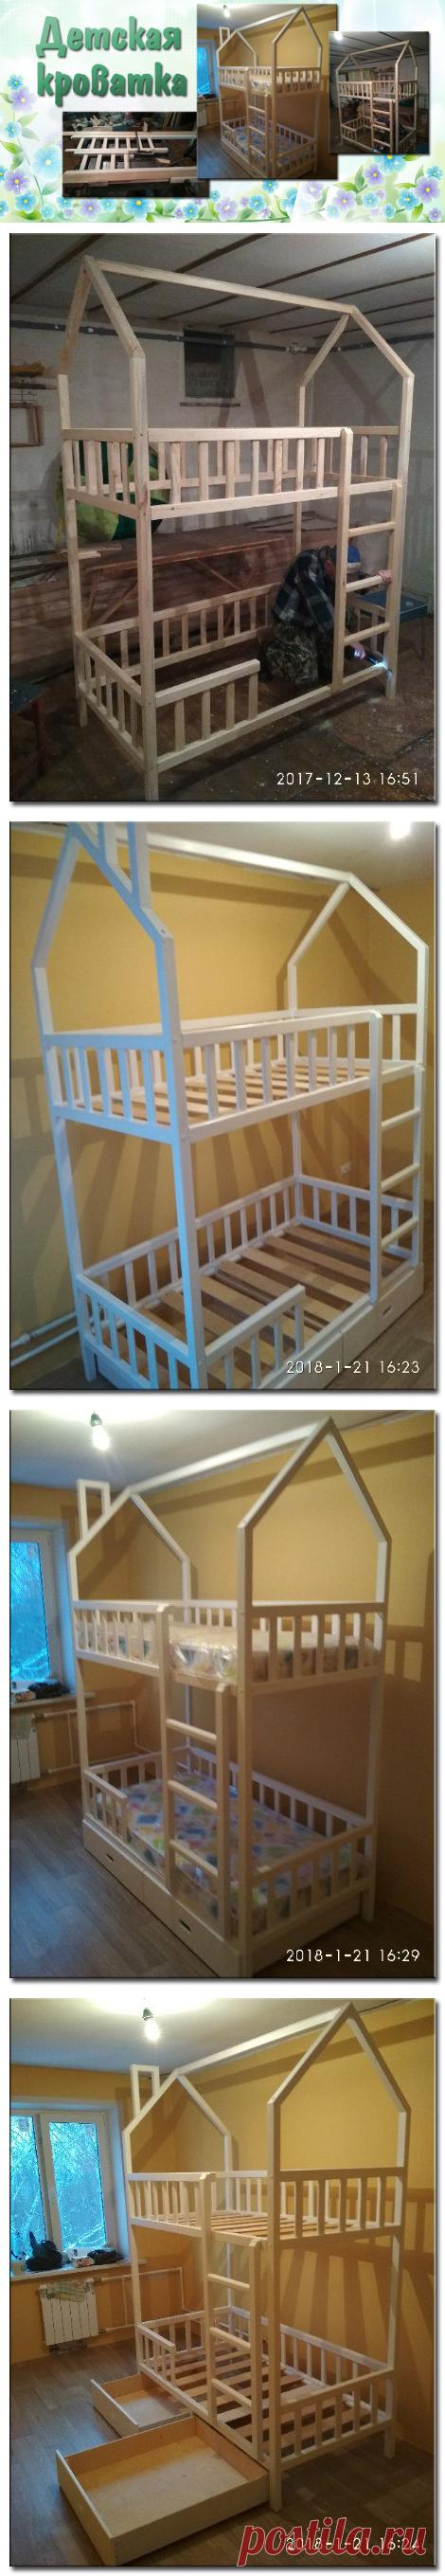 Детская двухъярусная кроватка | Для тех, кто любит работать с деревом